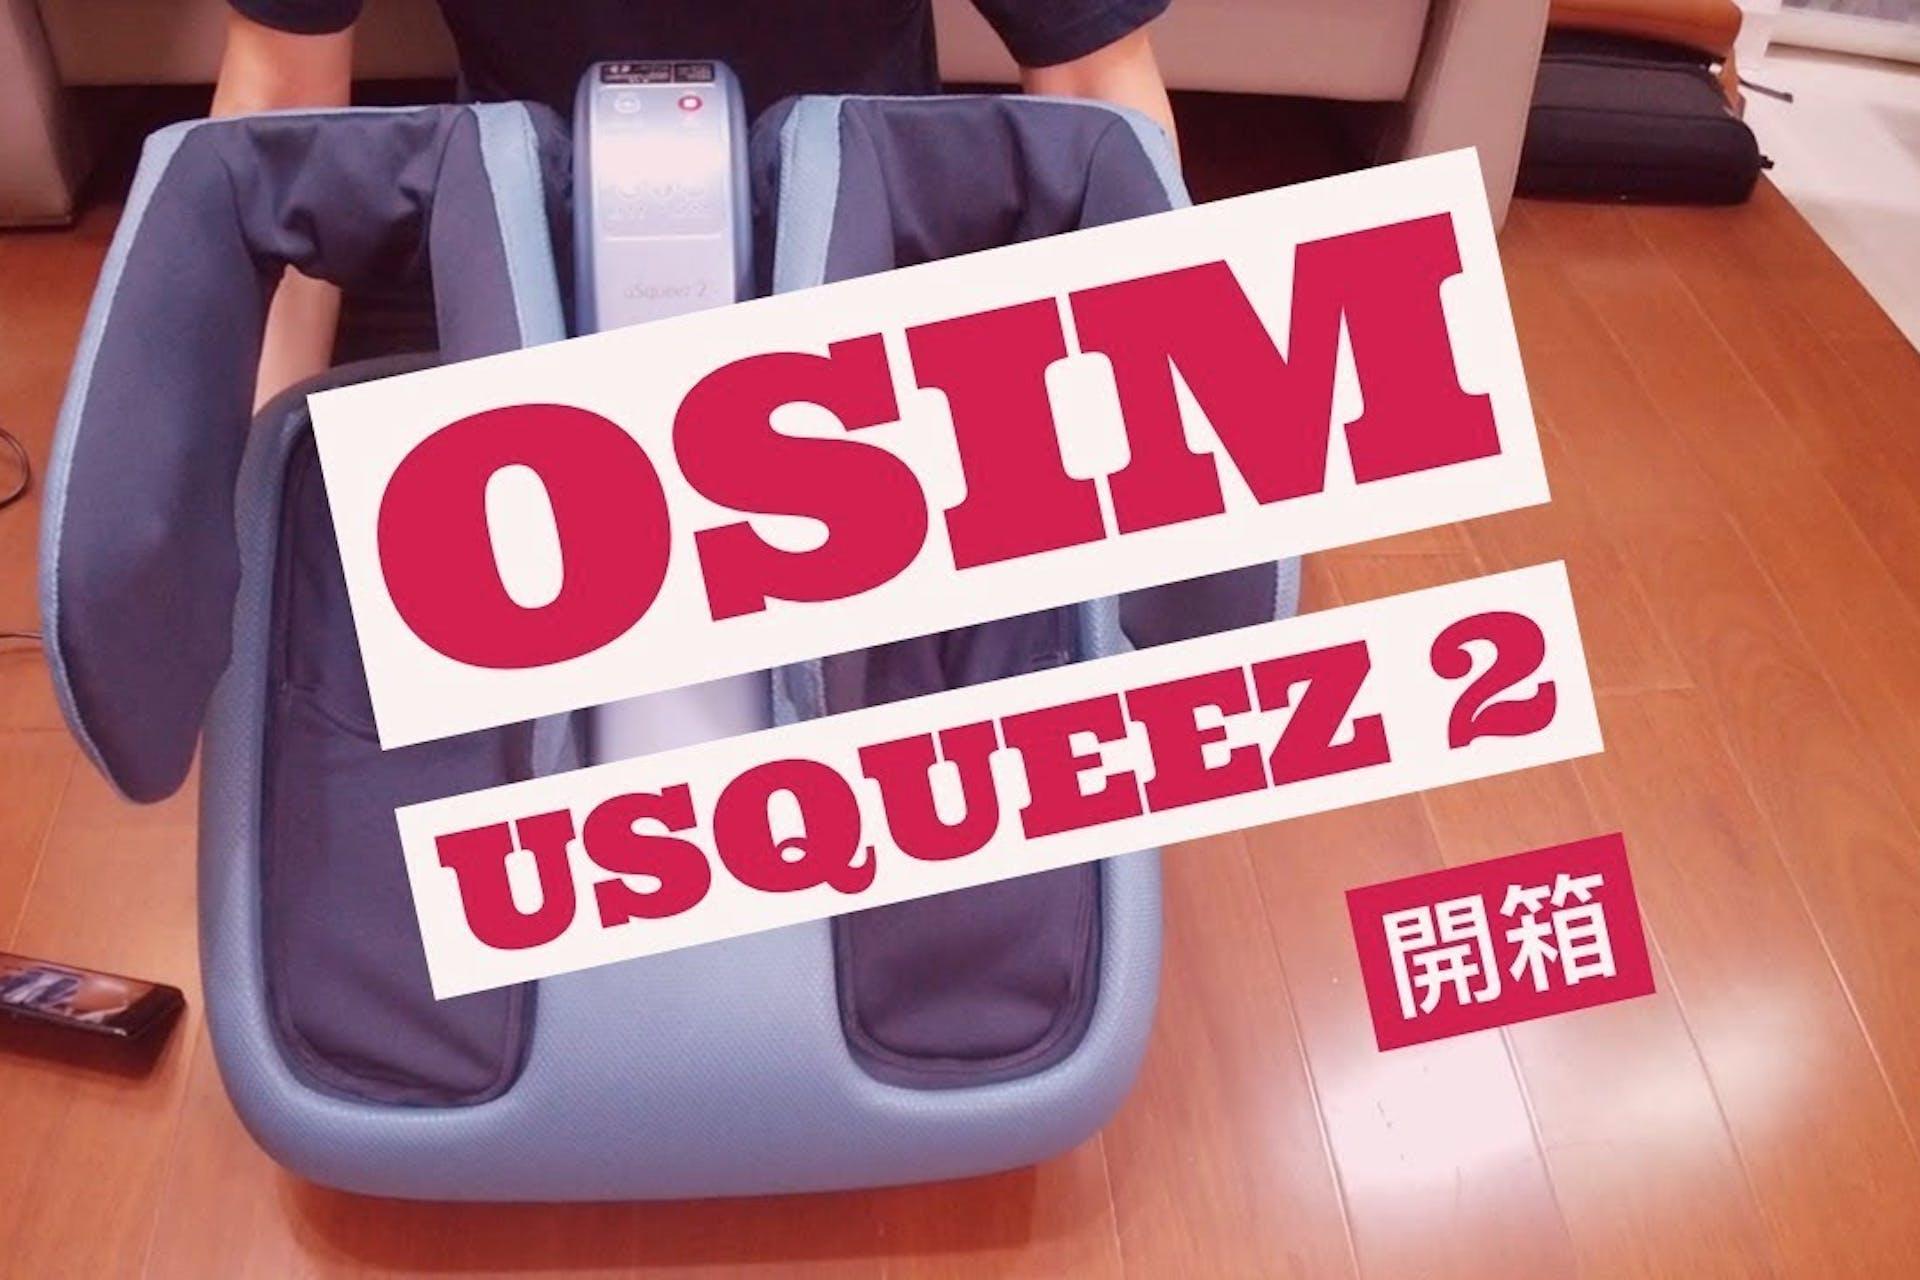 OSIM 腿樂樂 uSqueez 2 開箱實測心得